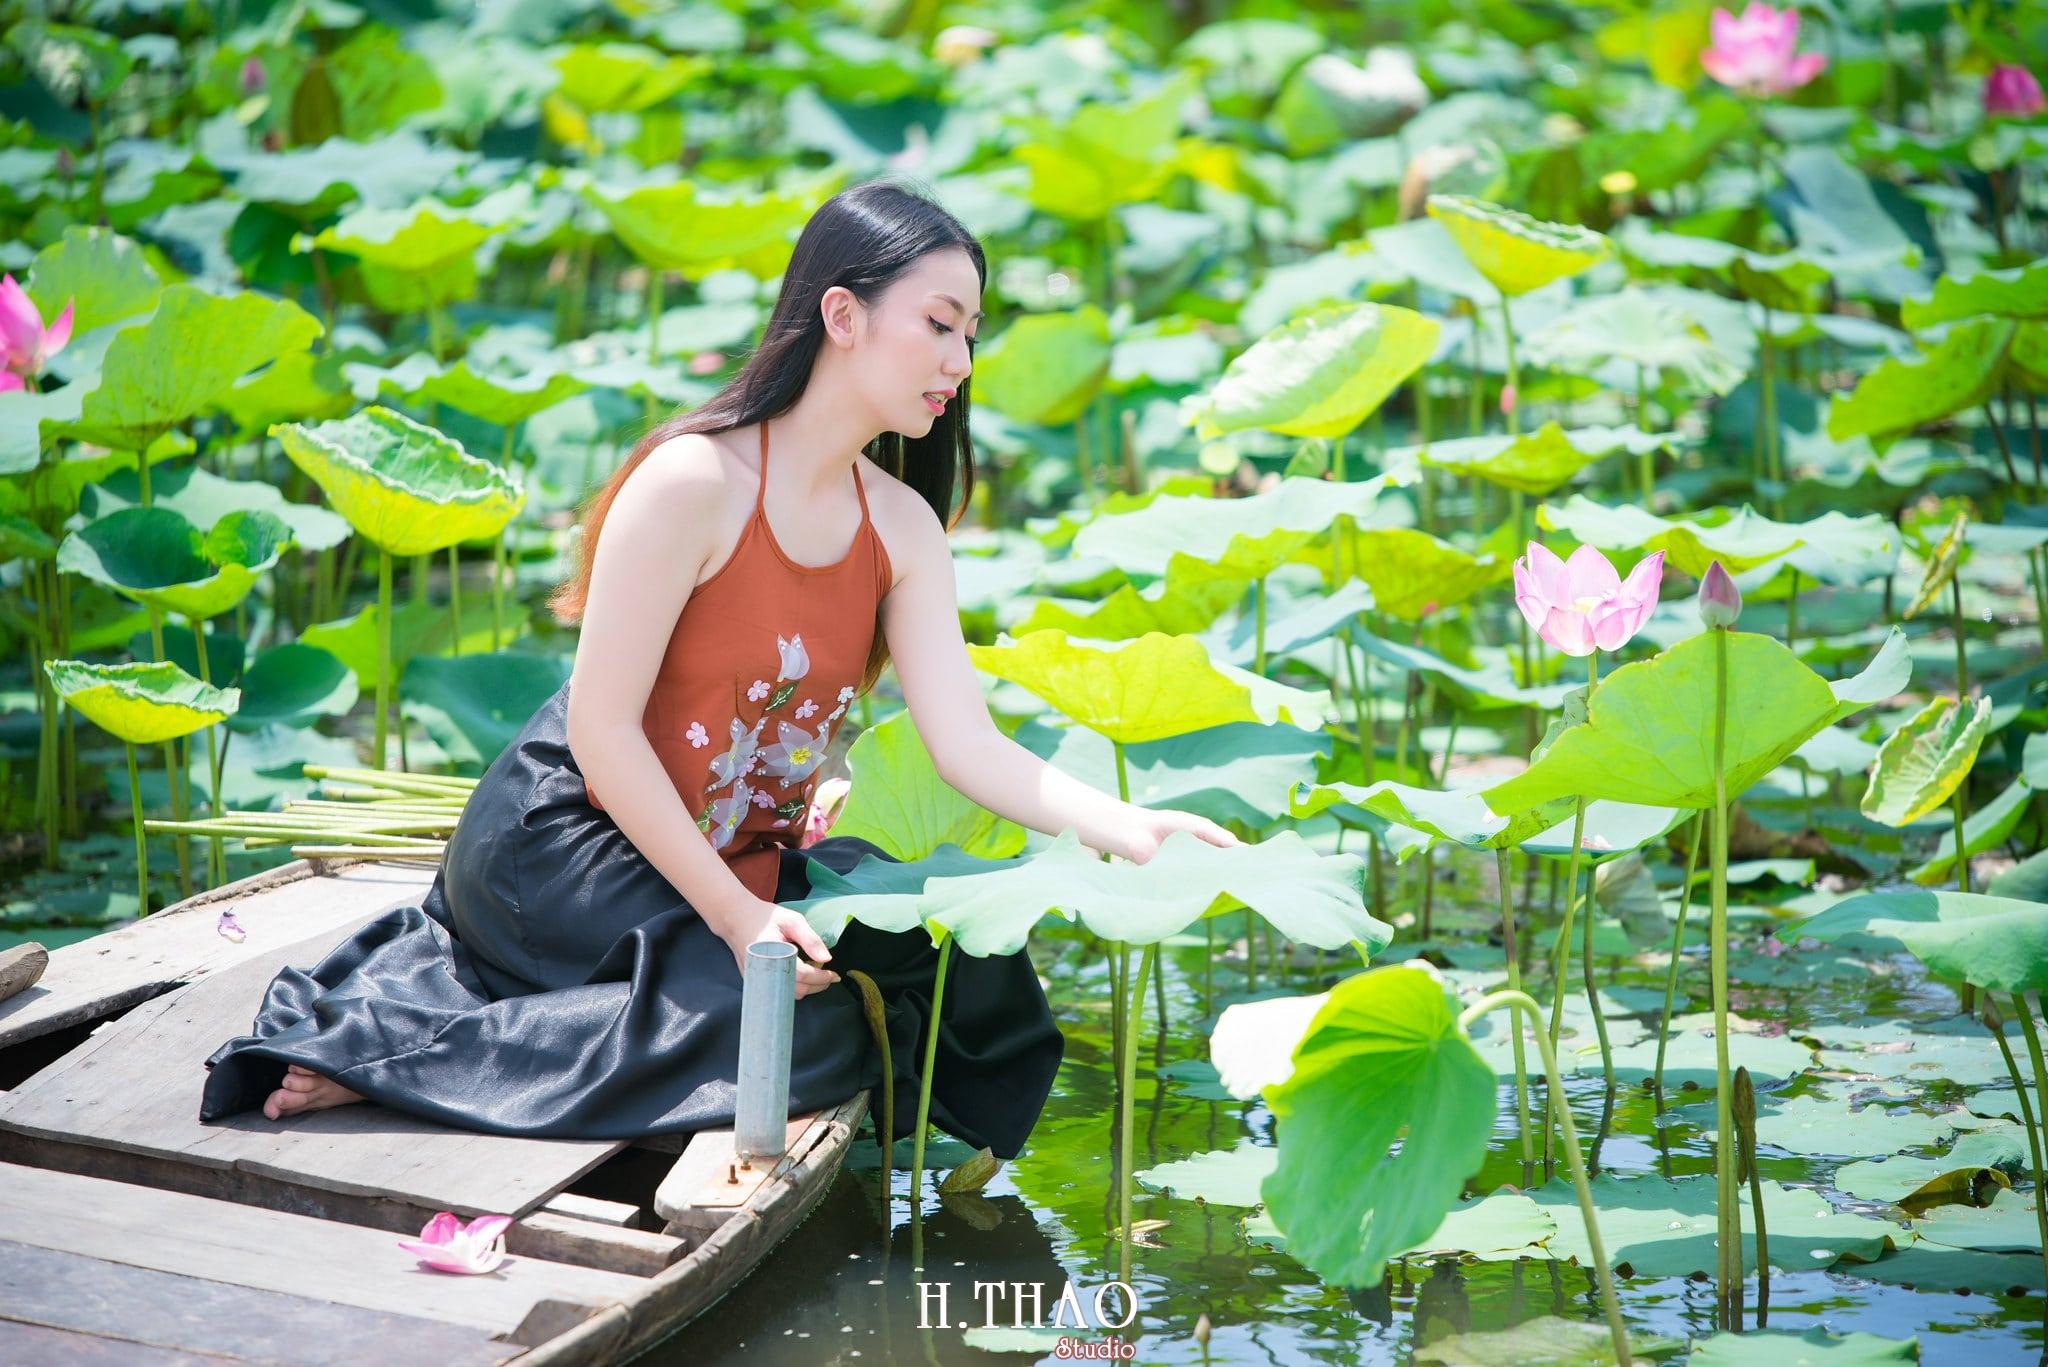 ao yem hoa sen 1 - Album ảnh chụp áo yếm với hoa sen đẹp dịu dàng - HThao Studio